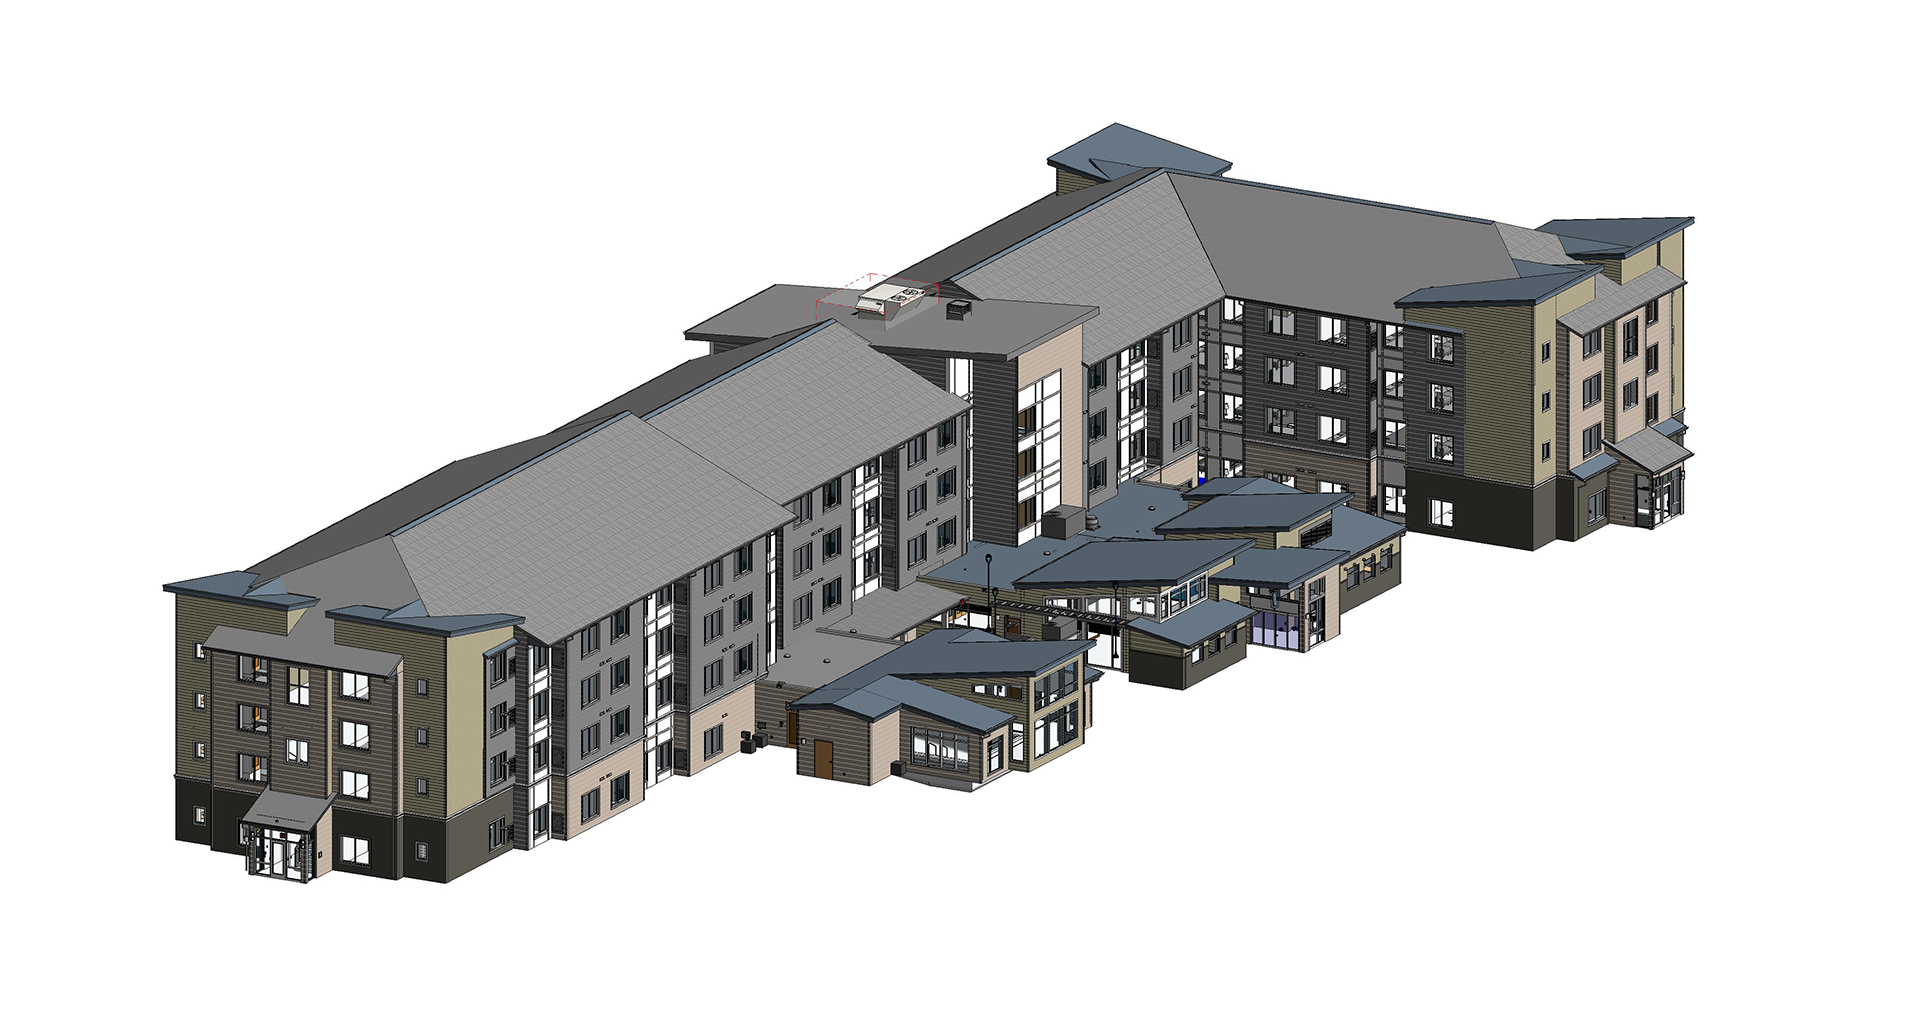 Residence Inn- Architectural Modeling